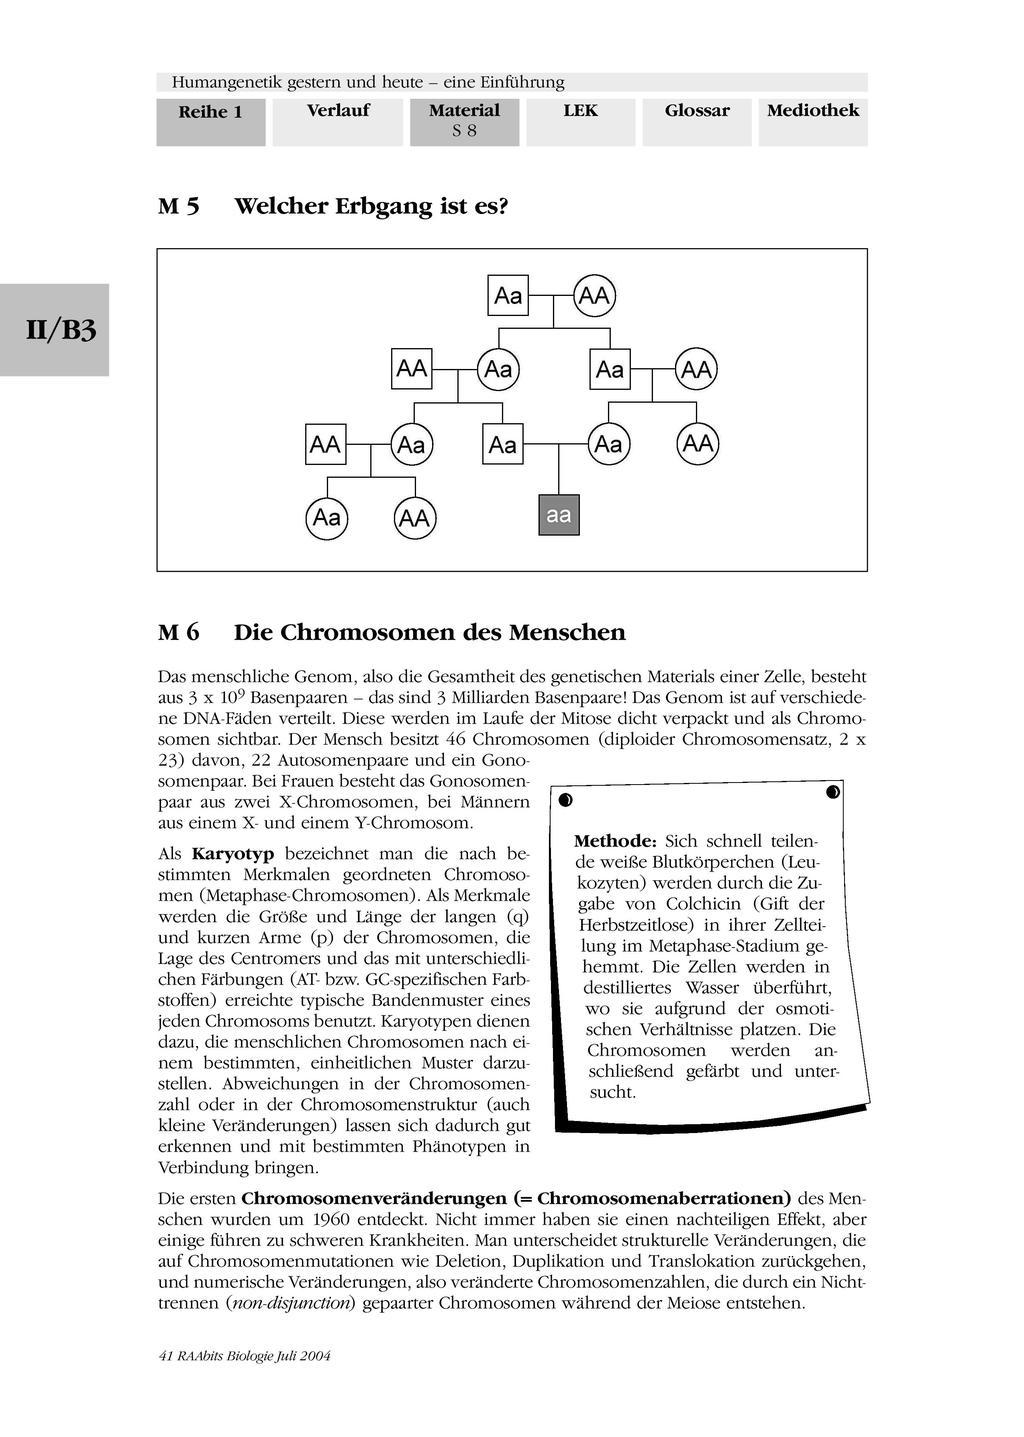 Humangenetik - Aufgaben zu Erbkrankenheiten und Erbgang Preview 3